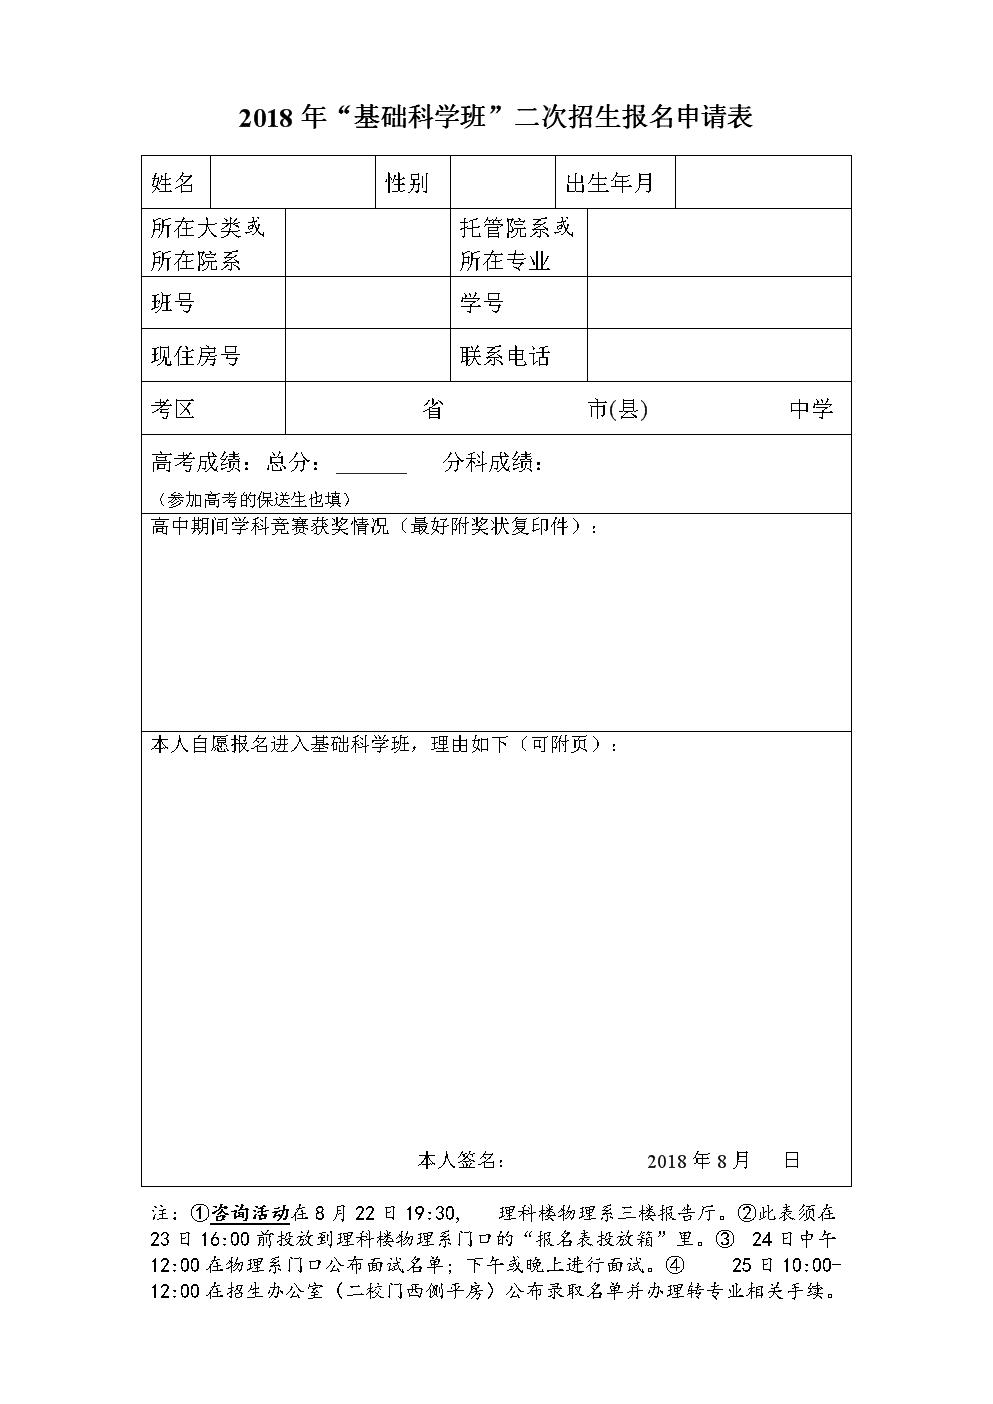 2018年基础科学班二次招生报名申请表.doc